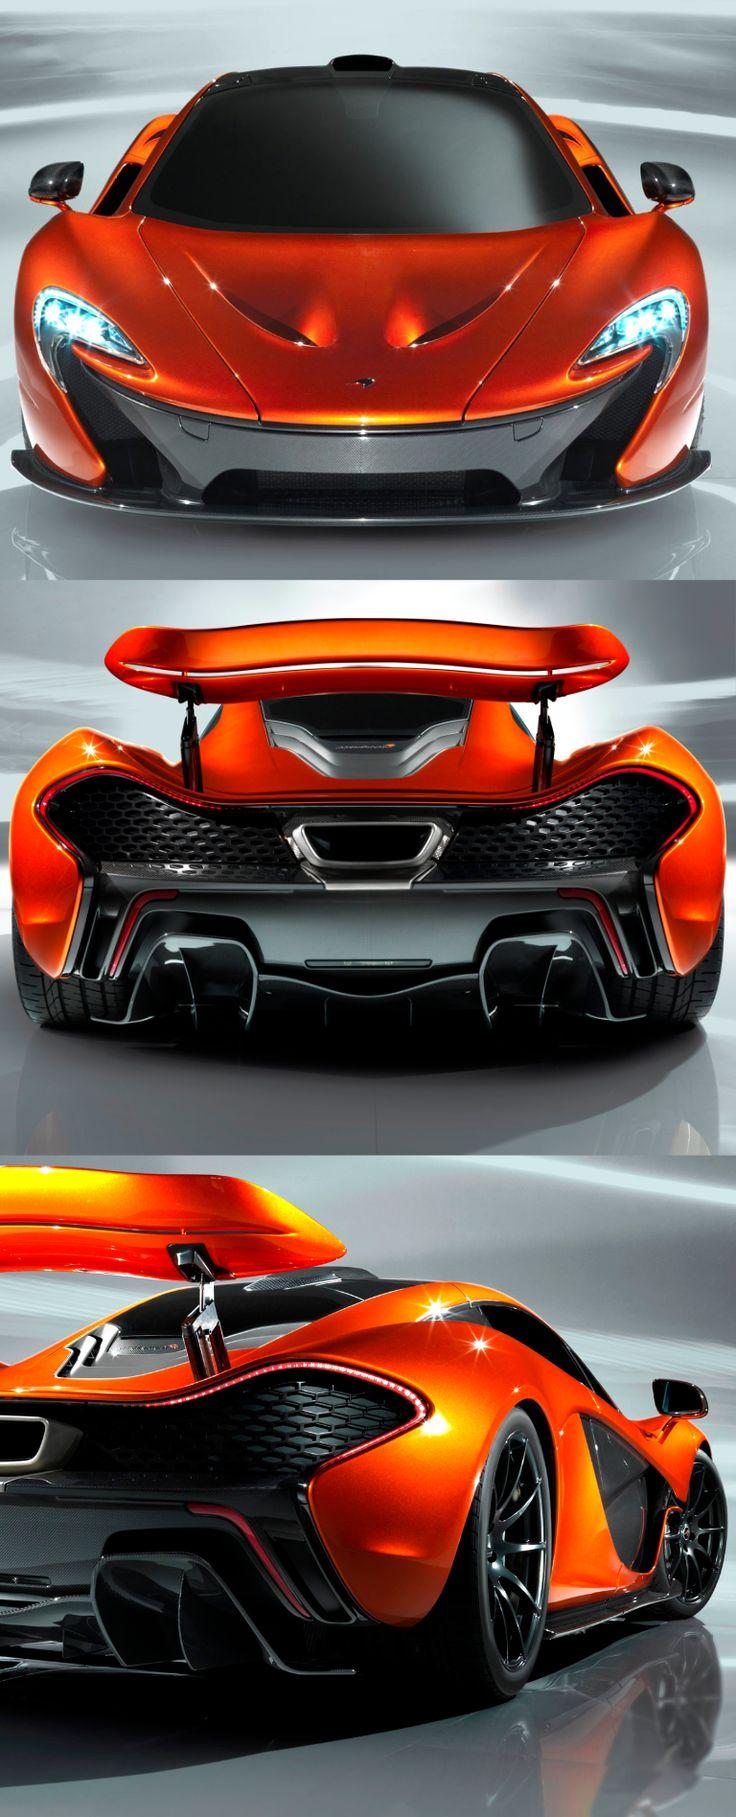 41+ Mclaren 720s torque best